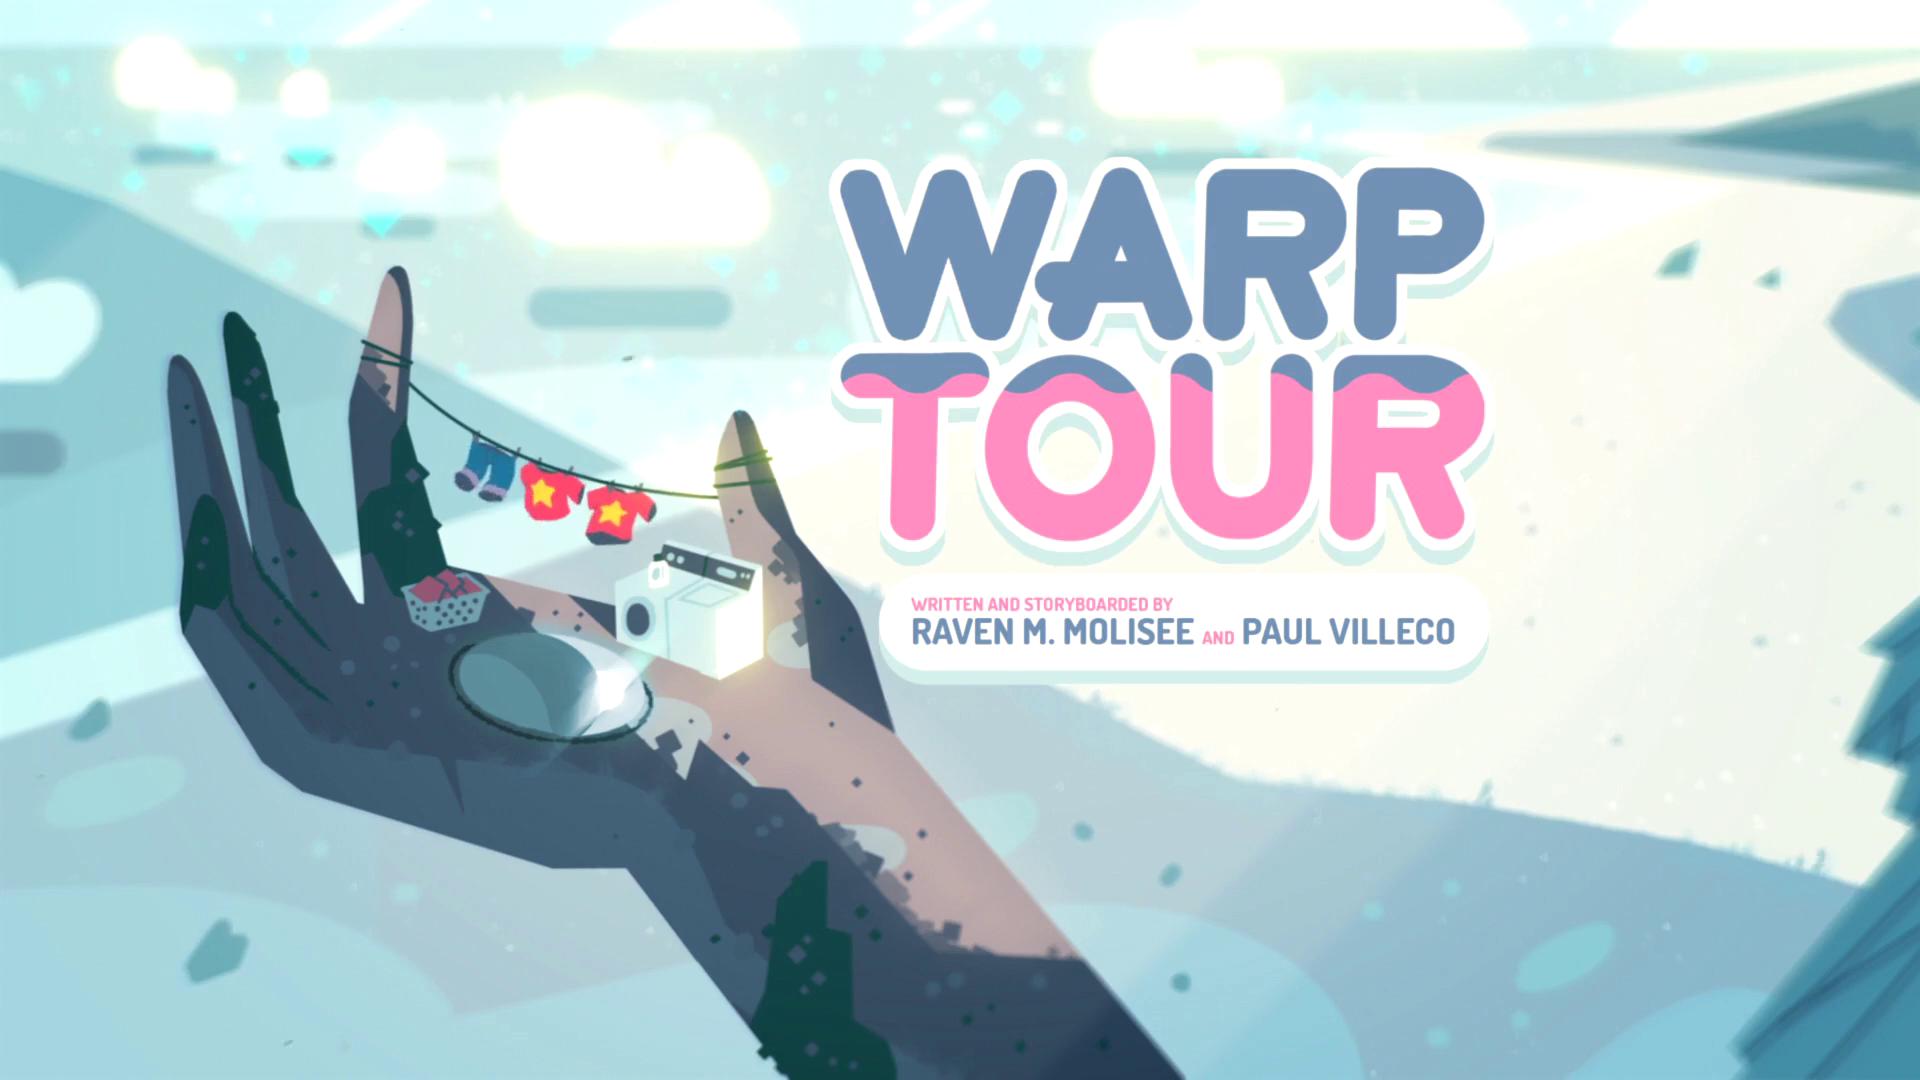 Warp Tour/Gallery